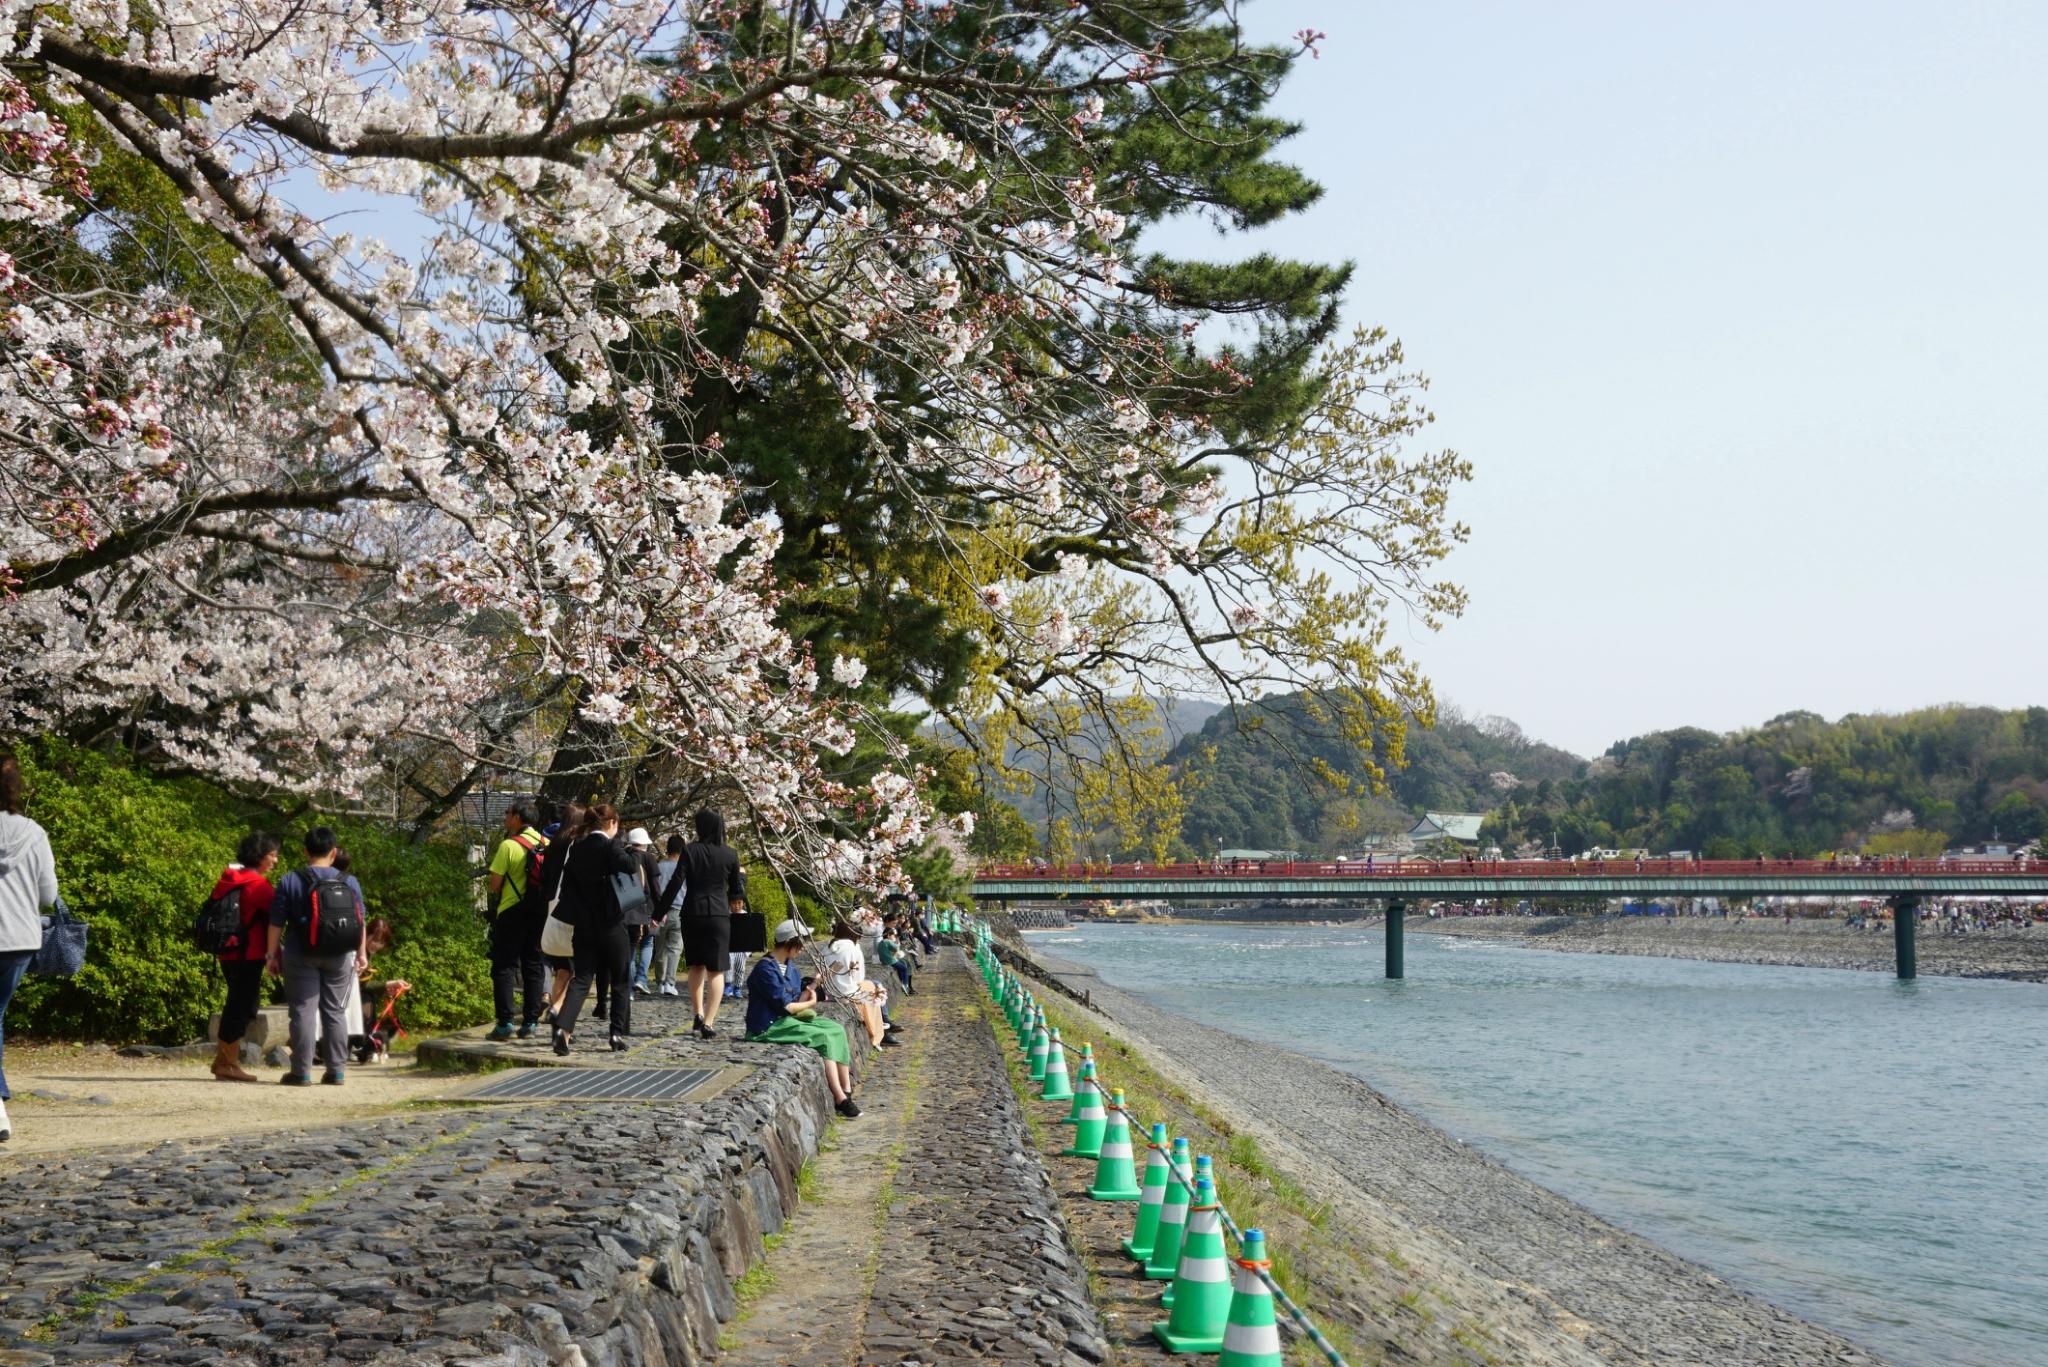 霓虹国9天赏樱之旅——好玩好吃走断腿(京都、大阪、奈良、有马)